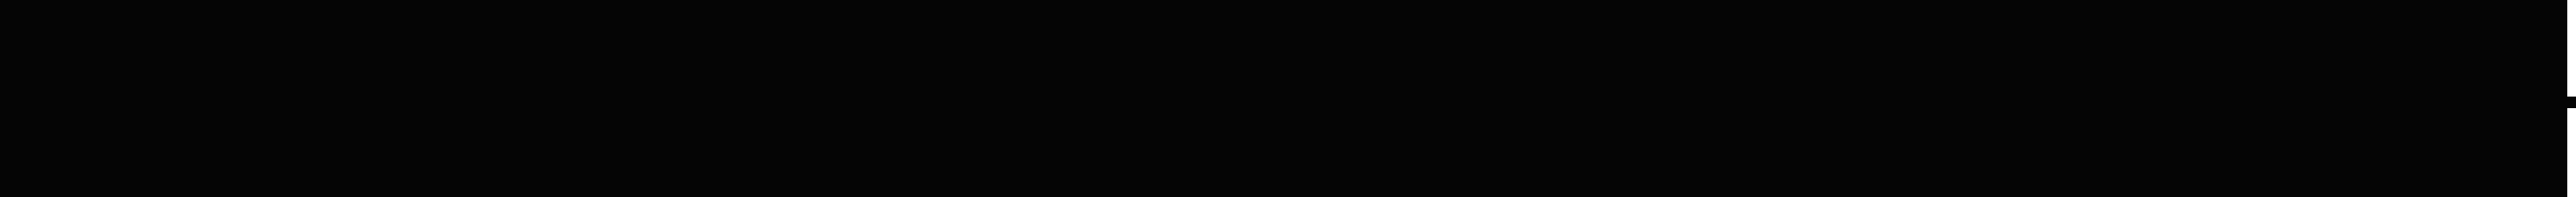 https://i.ibb.co/9s0x6cb/png-divider-lines-divider-line-png-2665.png